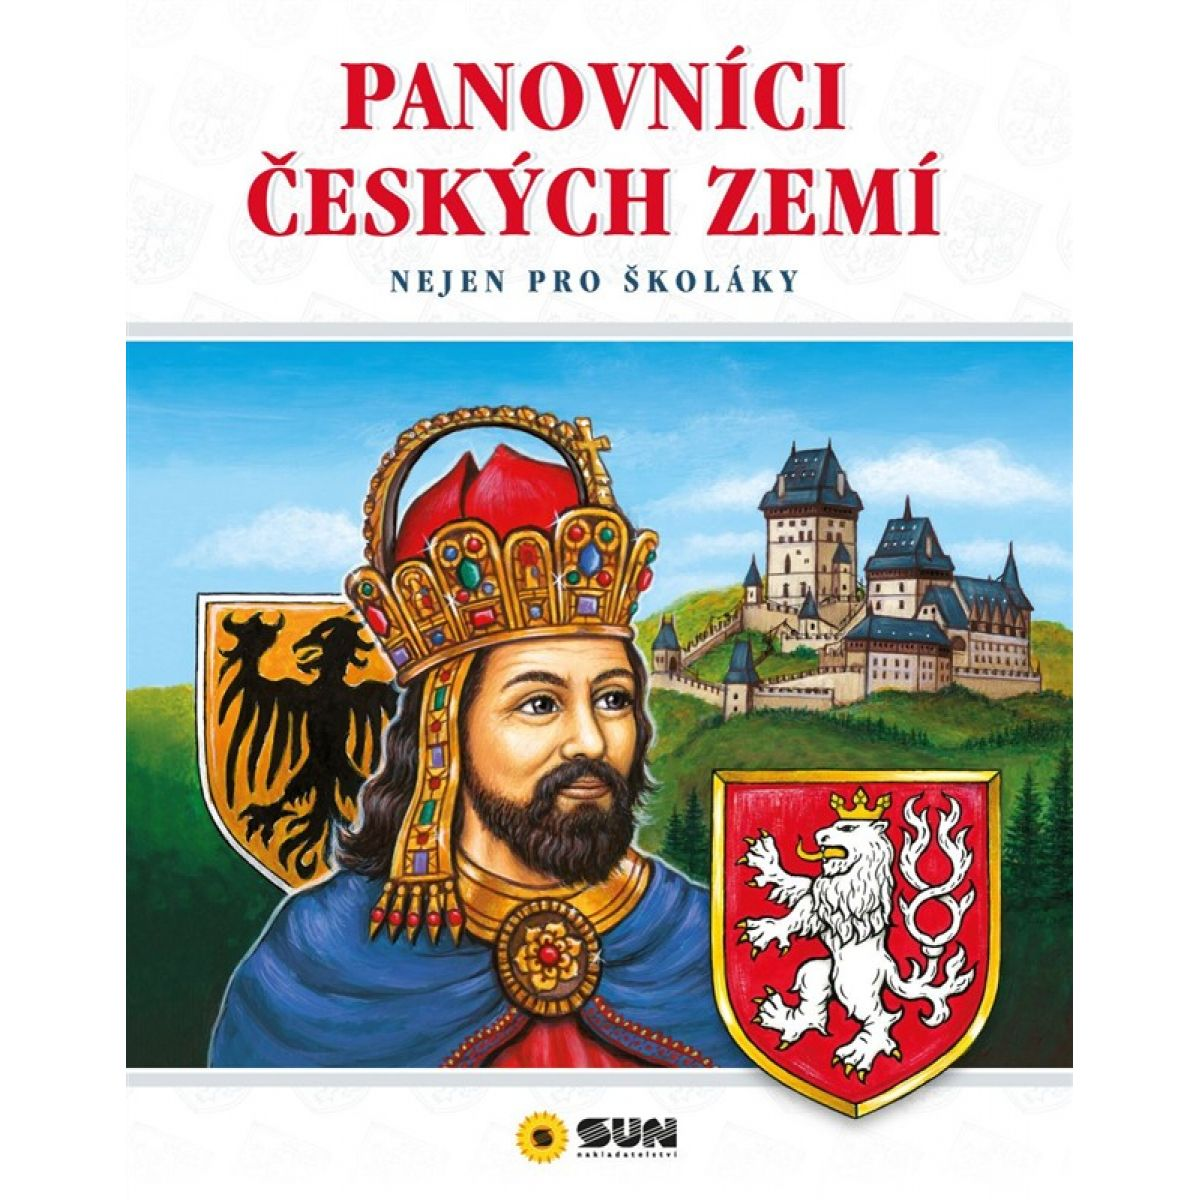 Sun Panovníci českých zemí Nejen pro školáky